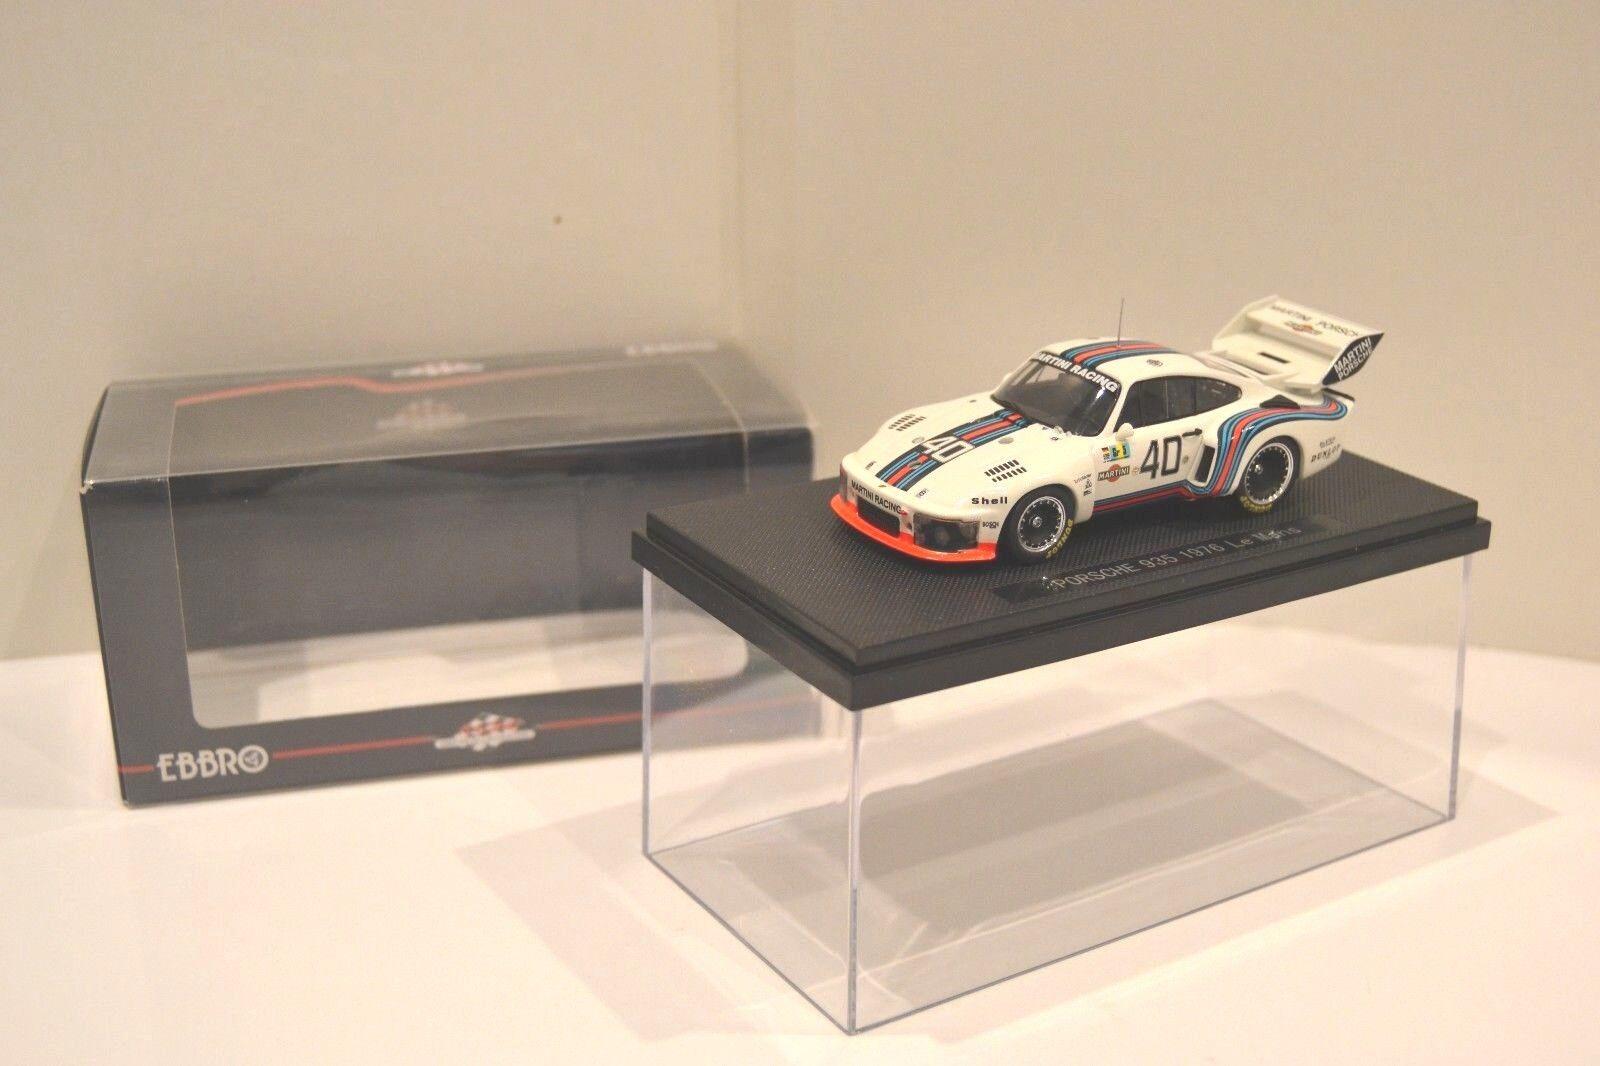 Ebbro 1 43. Porsche 935  Martini Racing  nº 40 - 24H du Mans 1976. Réf. 768.